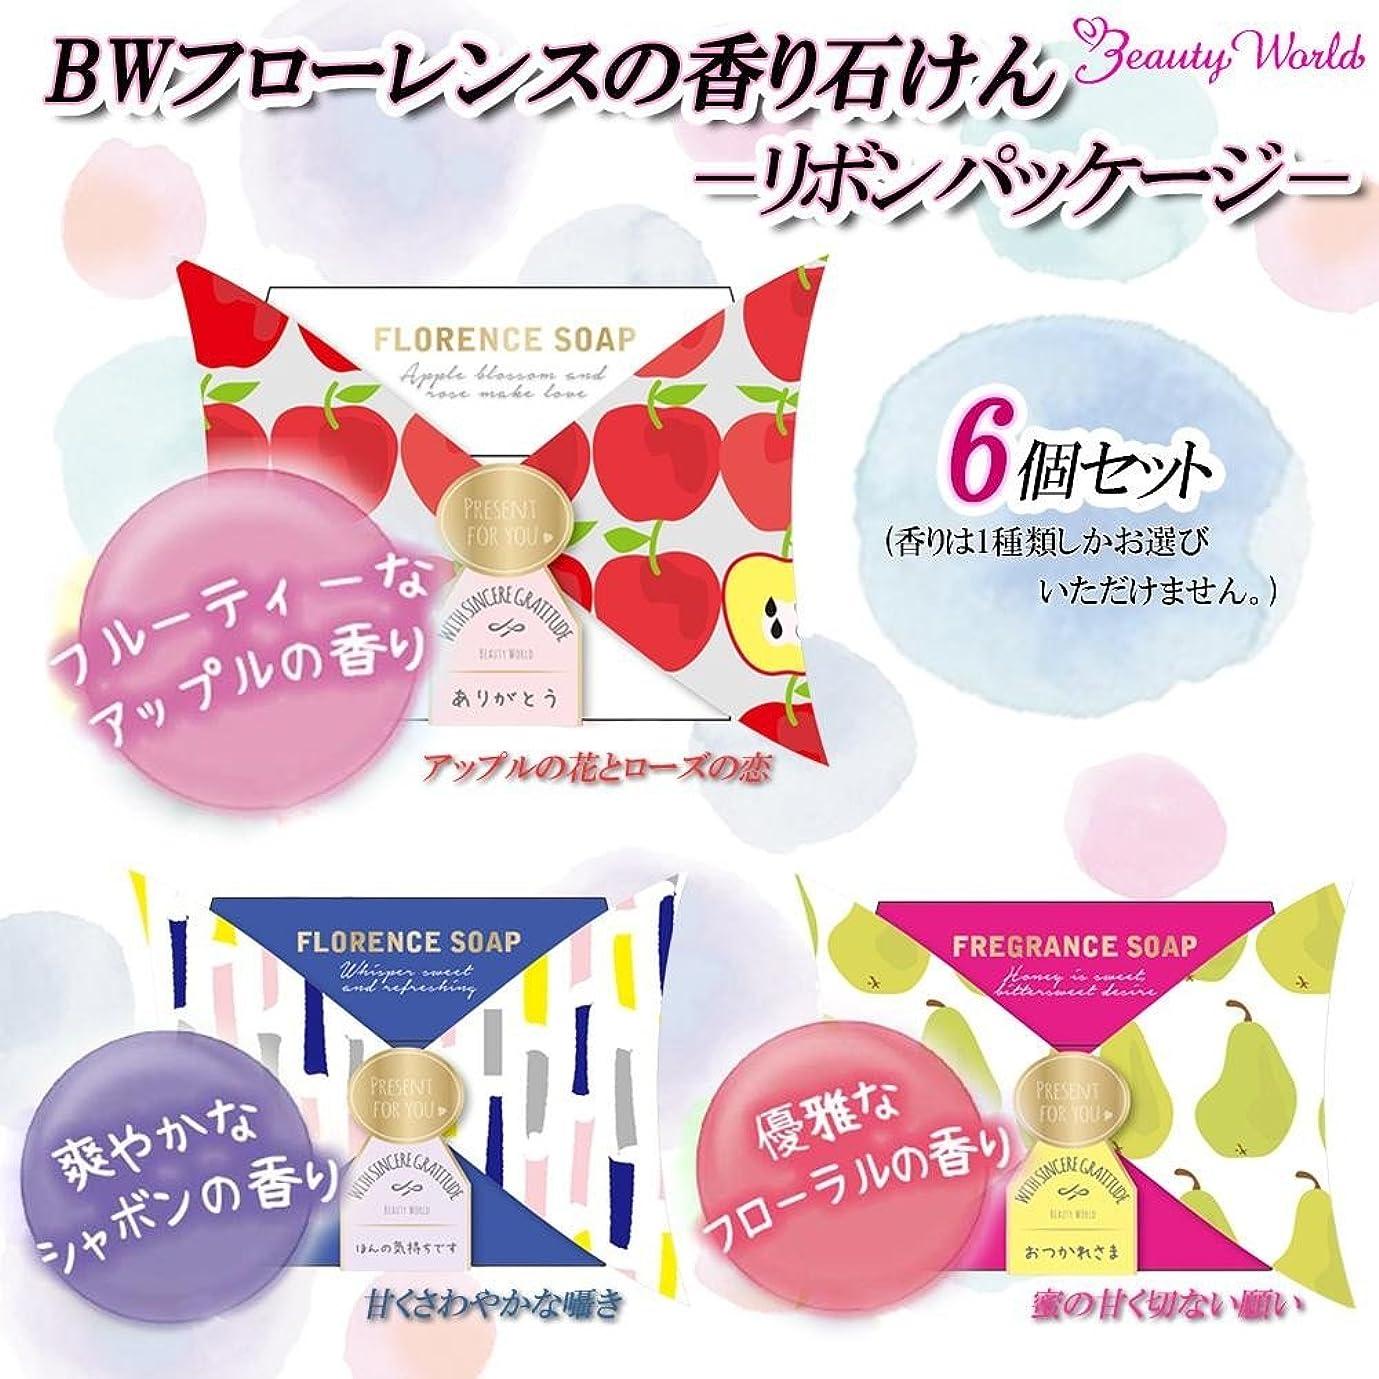 間クラフト液化するビューティーワールド BWフローレンスの香り石けん リボンパッケージ 6個セット ■3種類の内「FSP384?アップルの花とローズの恋」を1点のみです